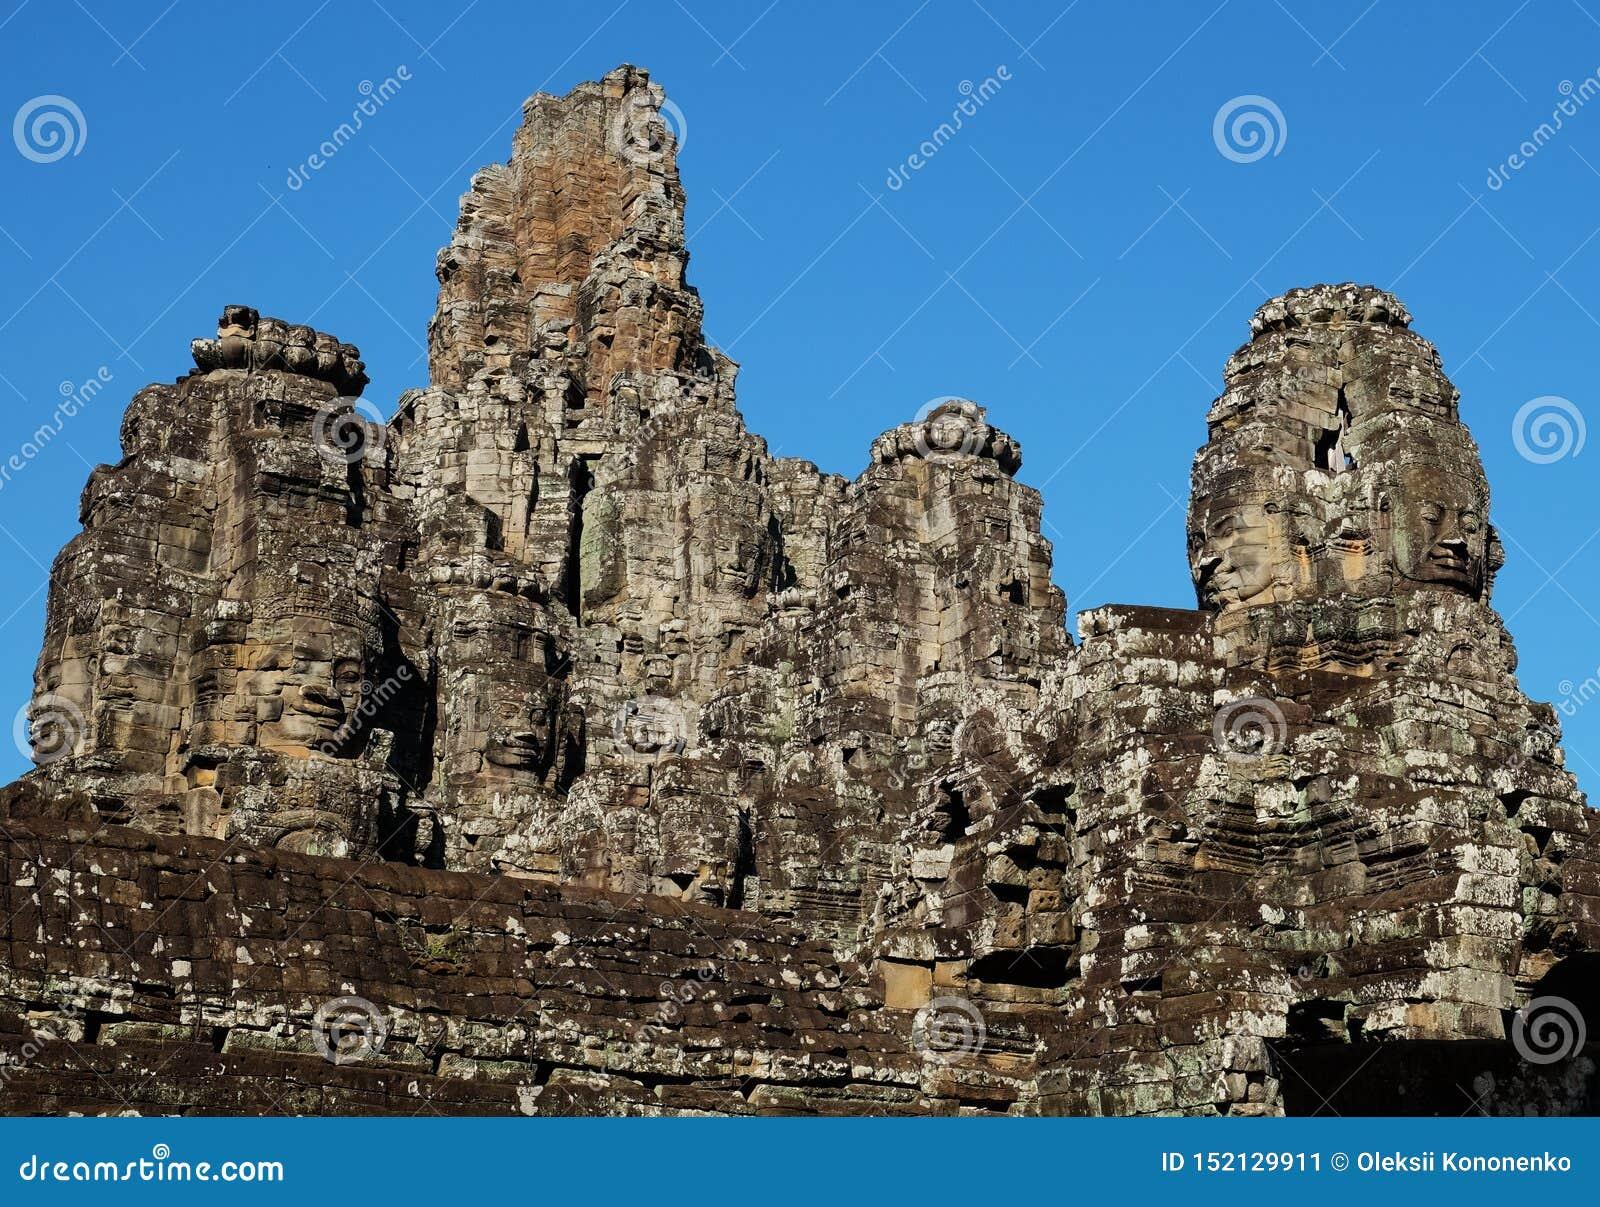 Templo antiguo monumental de Bayon en Camboya Templo medieval en Indochina Arte arquitectónico de civilizaciones antiguas Bayon